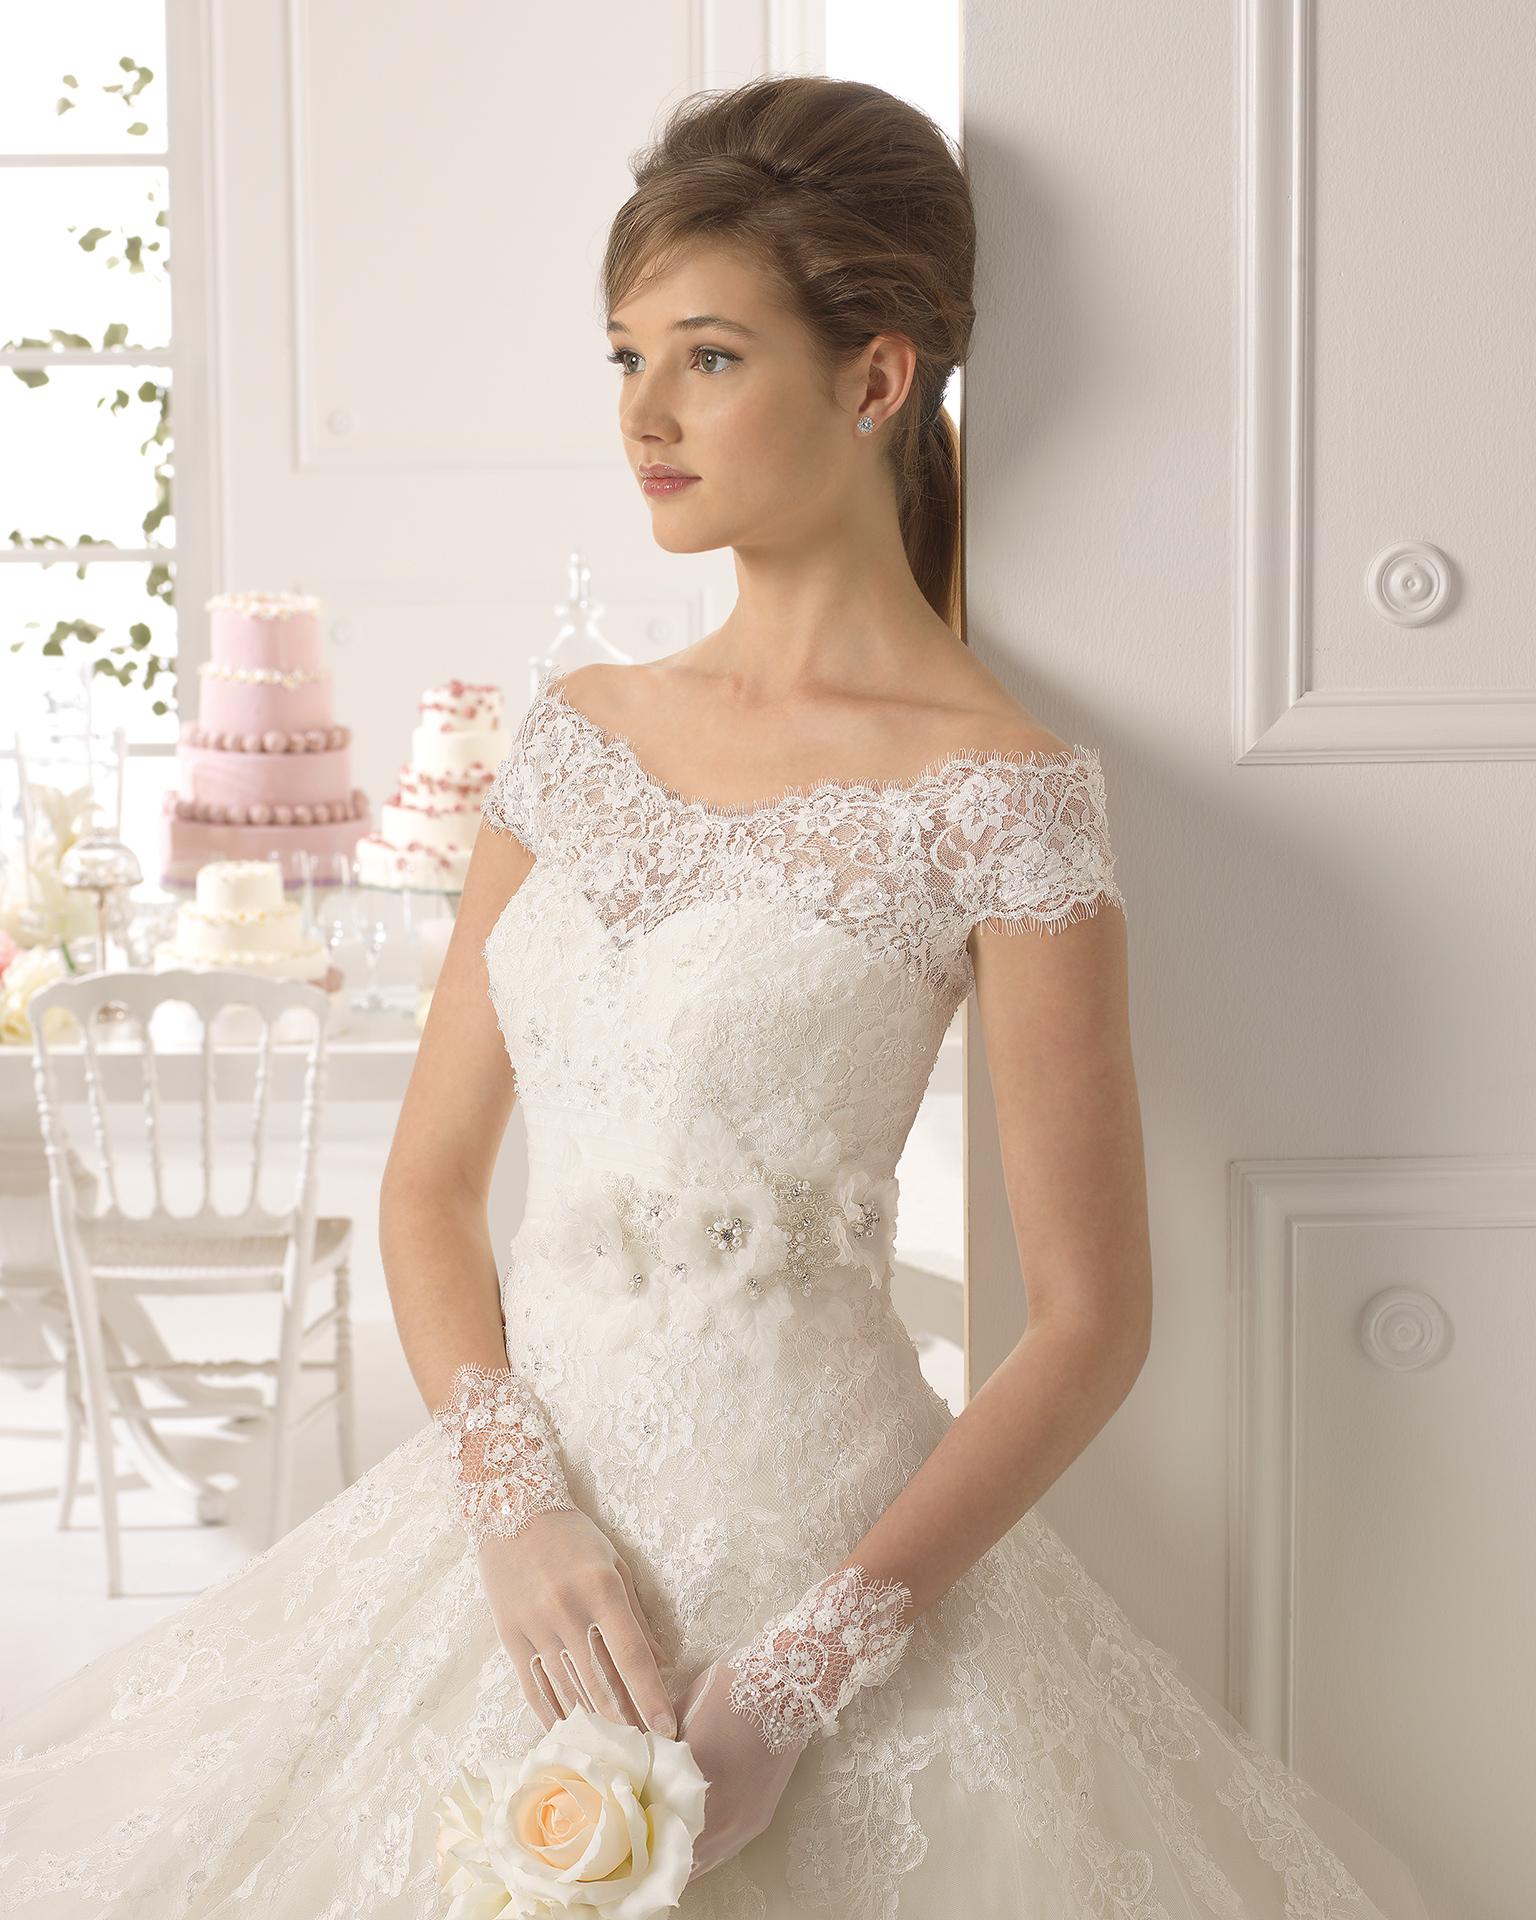 compra venta mayor selección Tener cuidado de Ayamonte vestido de novia tejido encaje, pedreria y tul ...